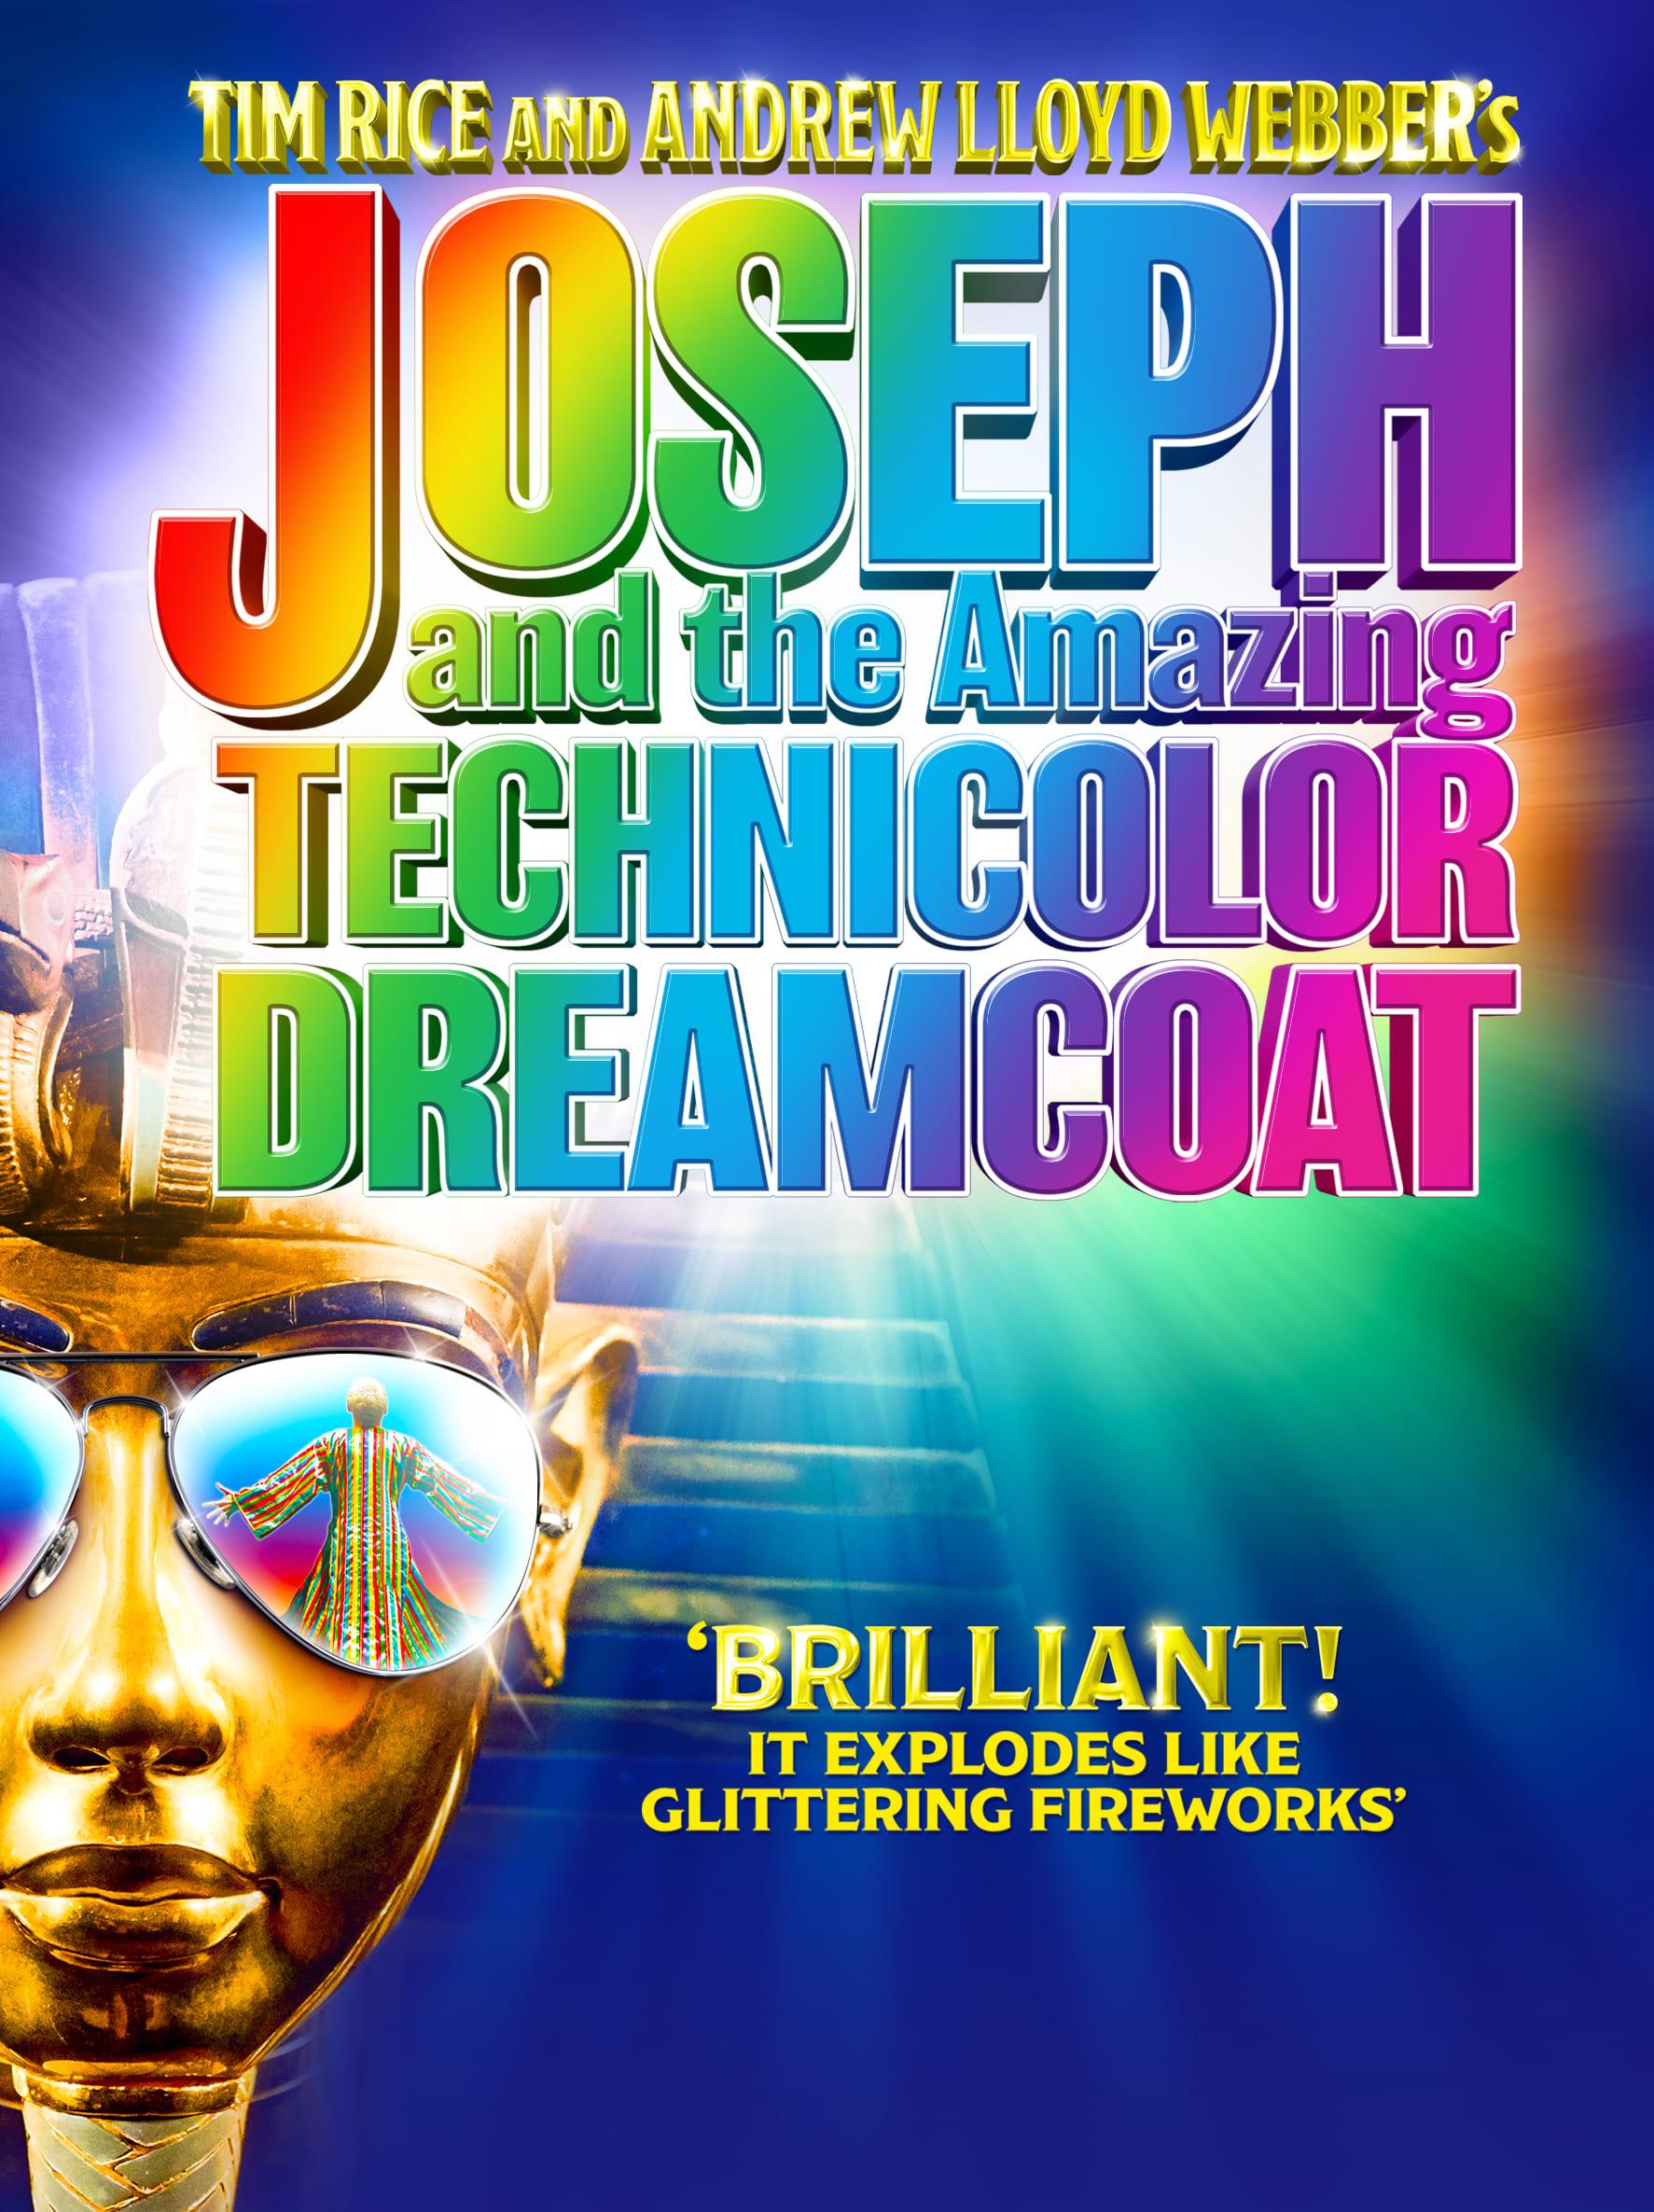 0defb56b01e7f Joseph And The Amazing Technicolor Dreamcoat - New Theatre Oxford ...